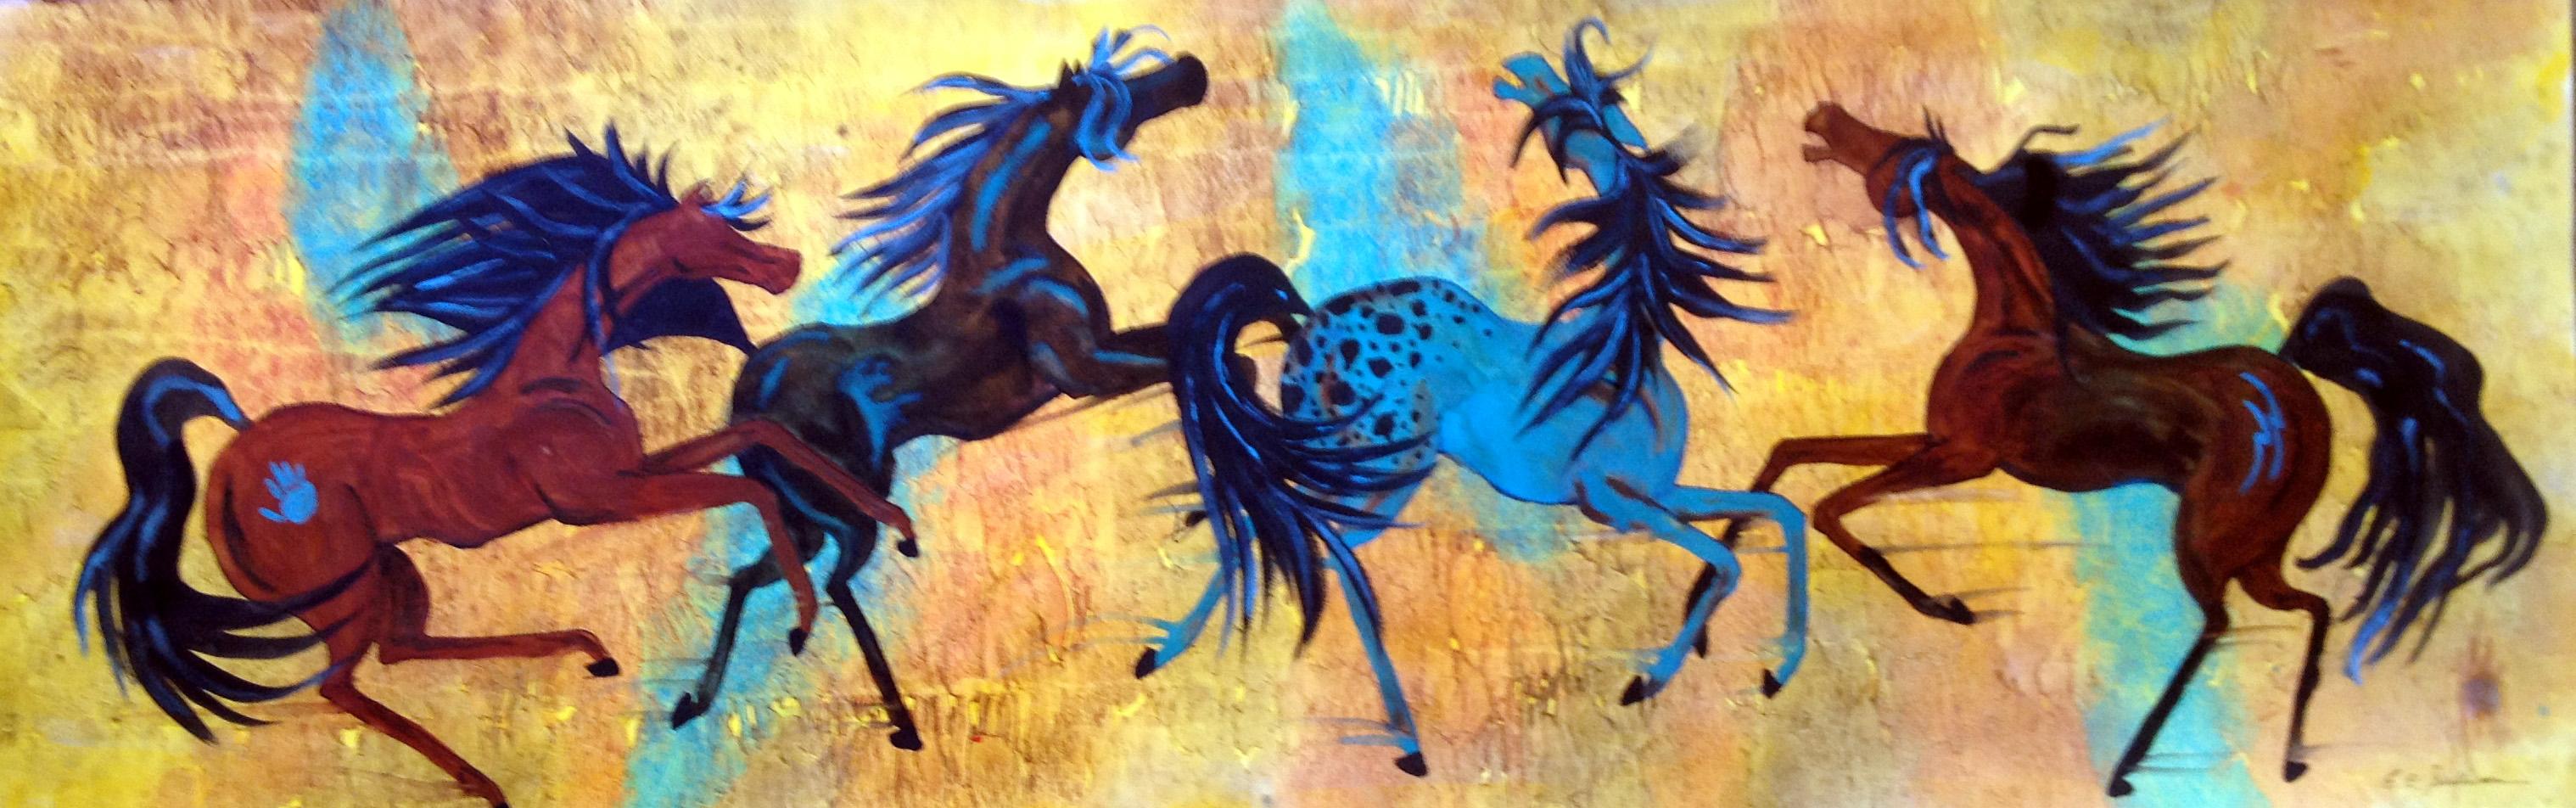 Tsu Horses